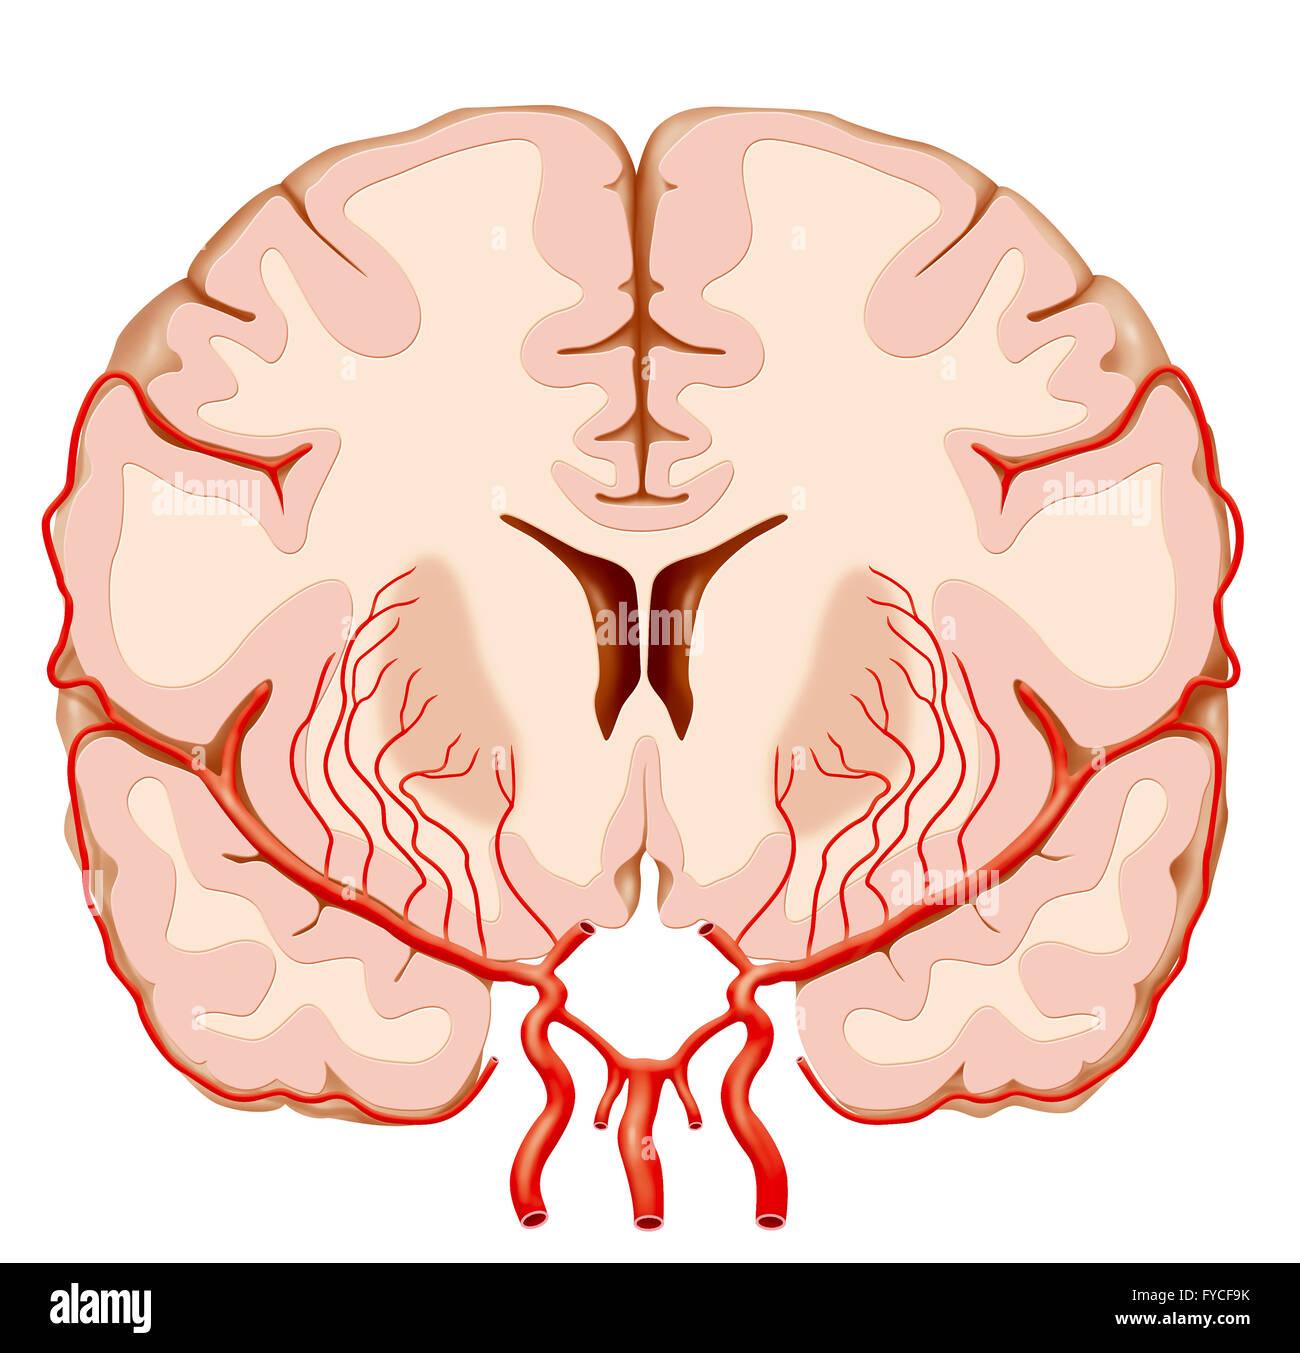 Middle Cerebral Artery Stock Photos & Middle Cerebral Artery Stock ...